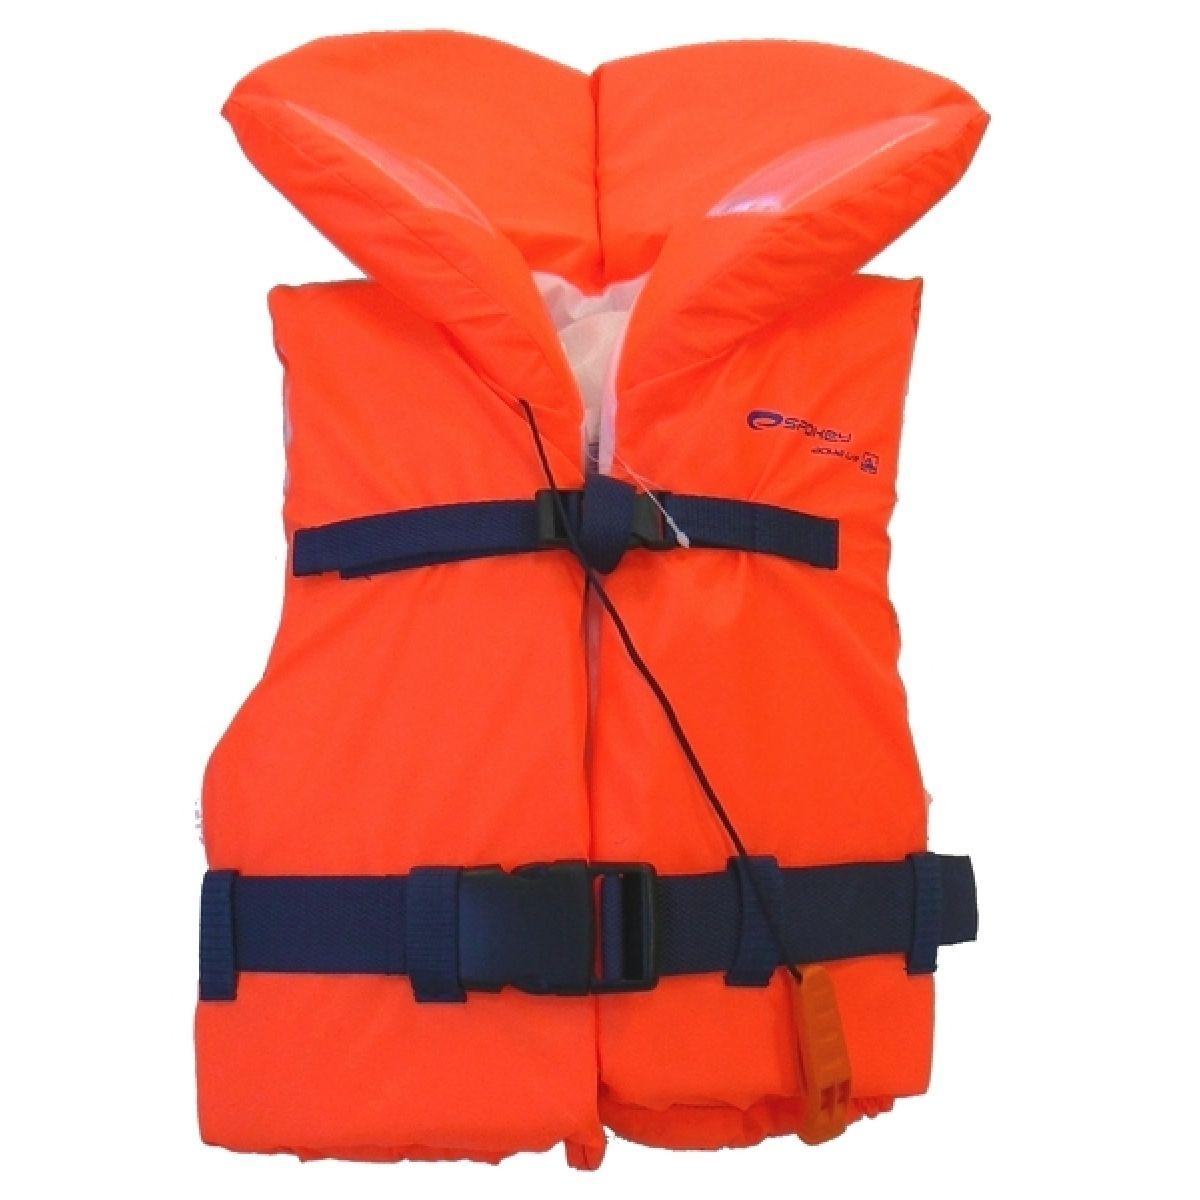 Bezpečnostní vesta PATROL S 30-40kg